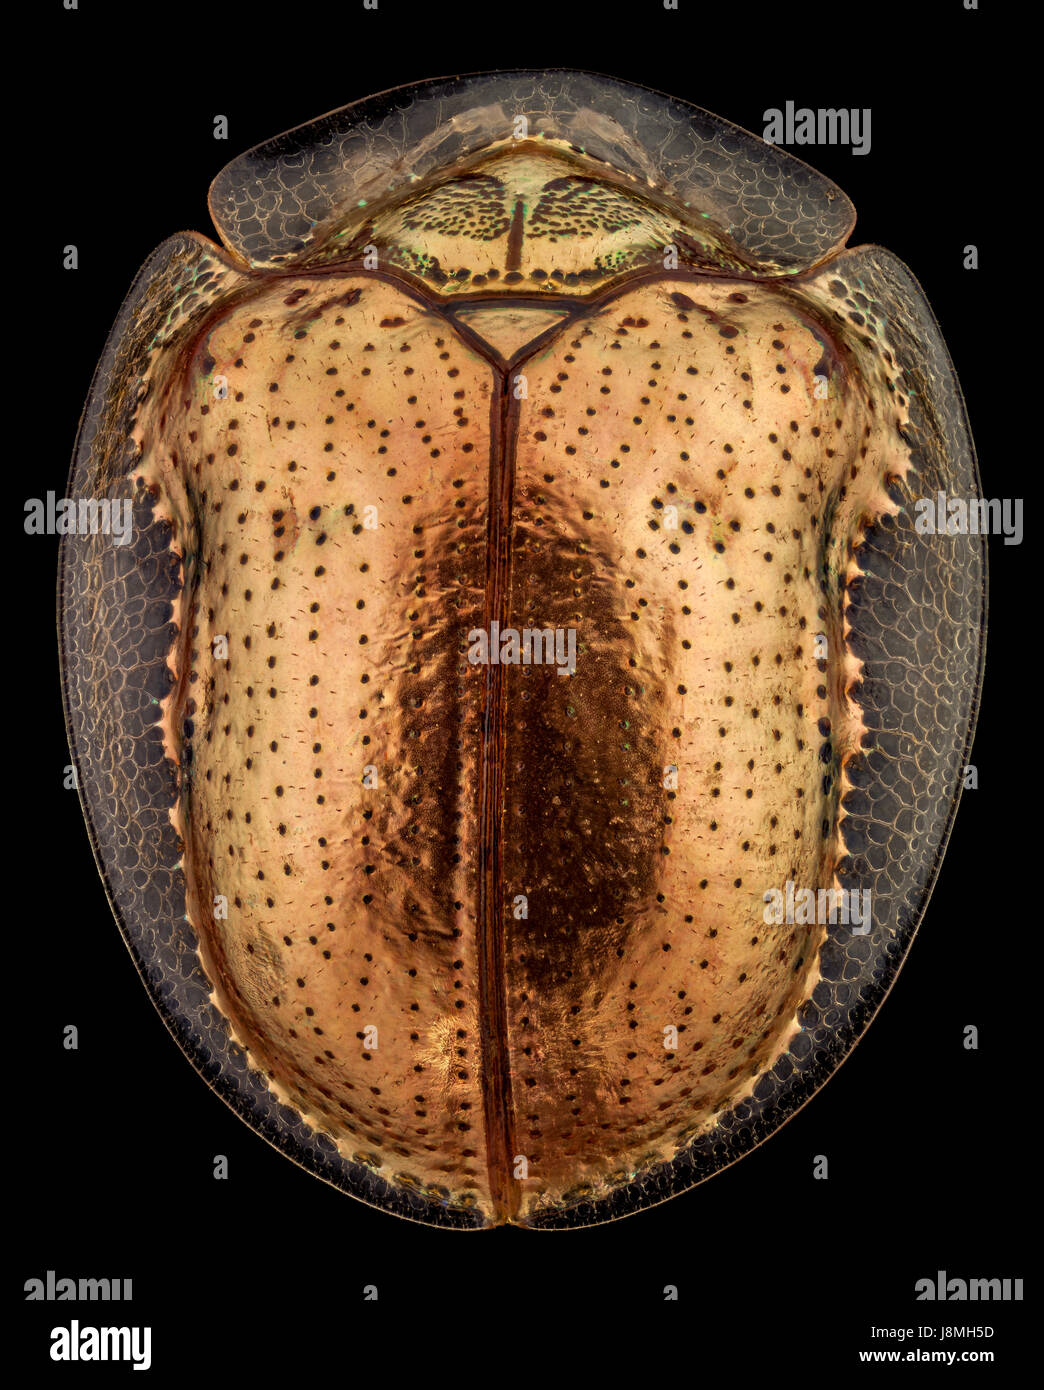 Vista dall'alto di una tartaruga dorata beetle.La tartaruga dorata Beetle è una specie di coleotteri in foglia beetle famiglia, nativa per le Americhe Foto Stock